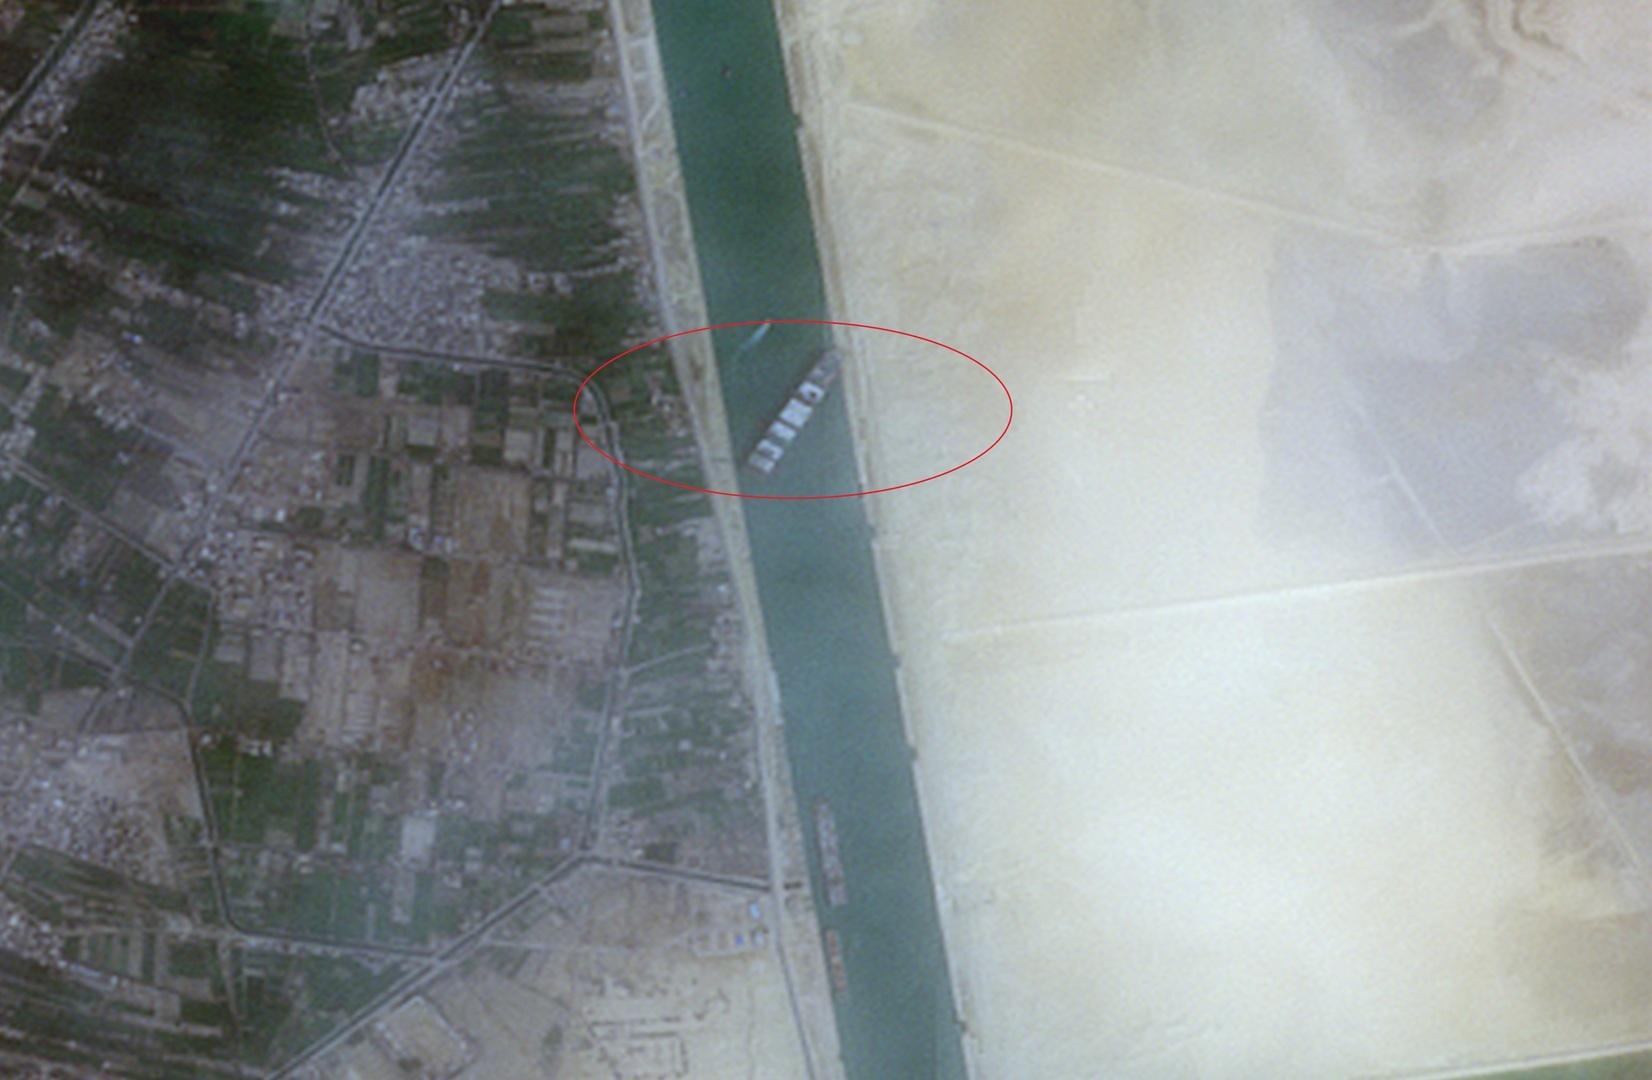 الكشف عن مسار غريب سلكته السفينة المتعثرة في قناة السويس قبل دخول الممر في مصر (فيديو)